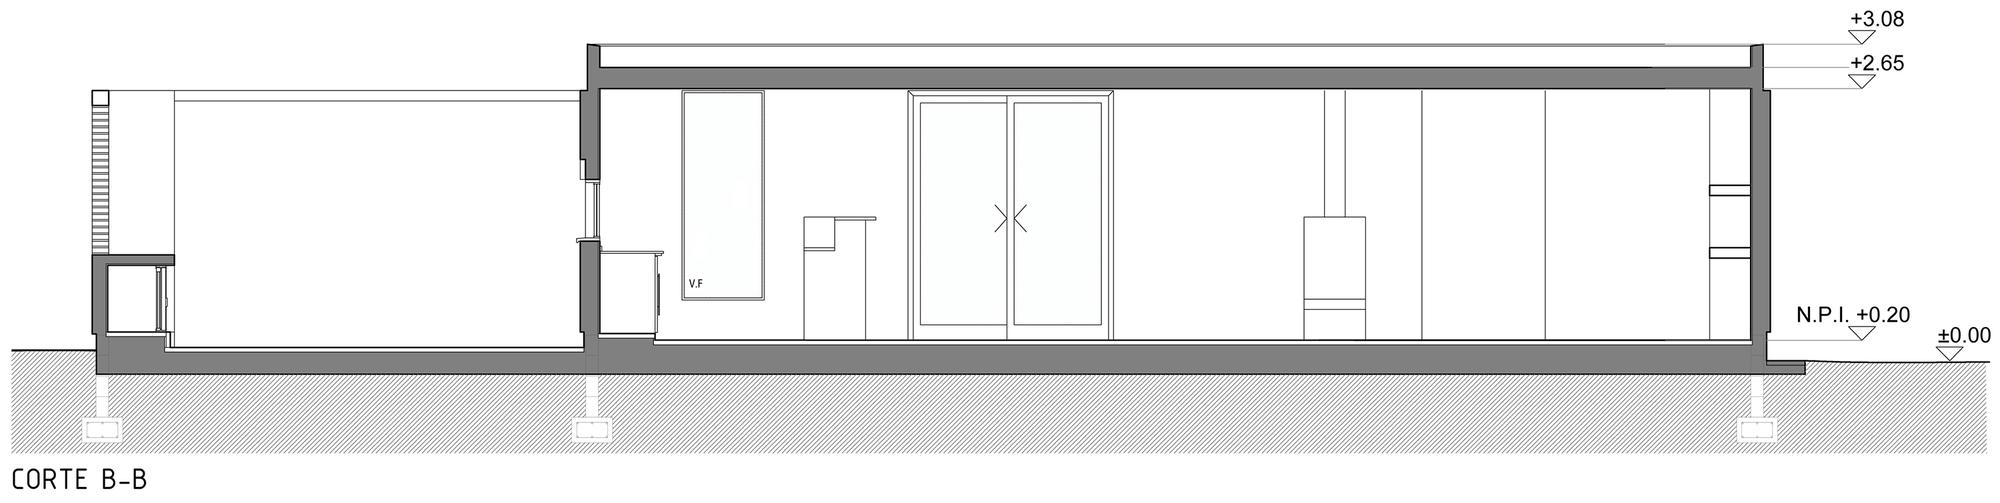 S >> Gallery of D+S House / Estudio BSB - 19